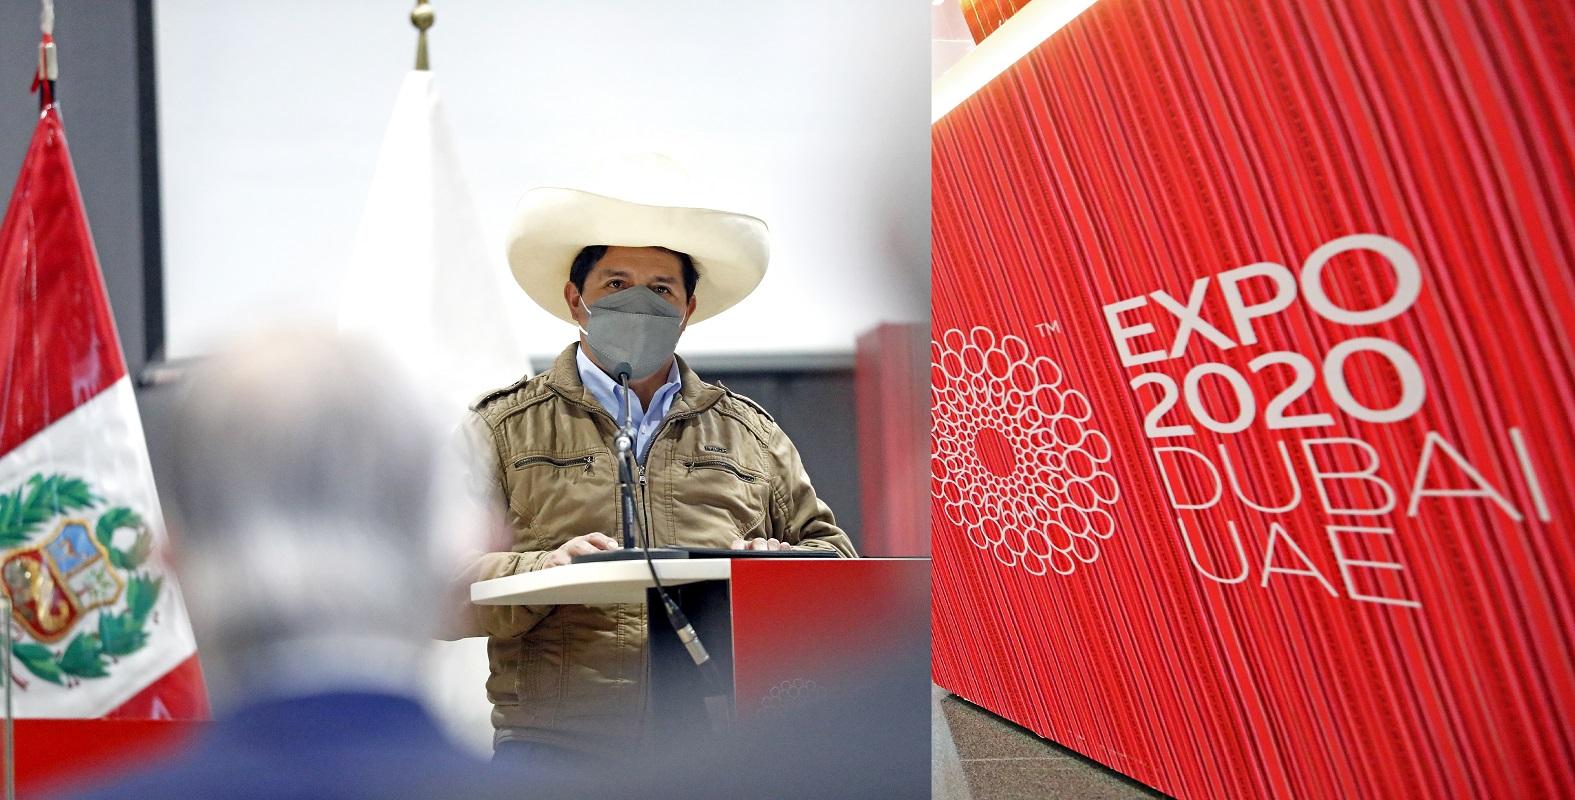 Expo 2020 Dubái, es la oportunidad para promover los negocios, las inversiones, el turismo y otros, indicó presidente Castillo.